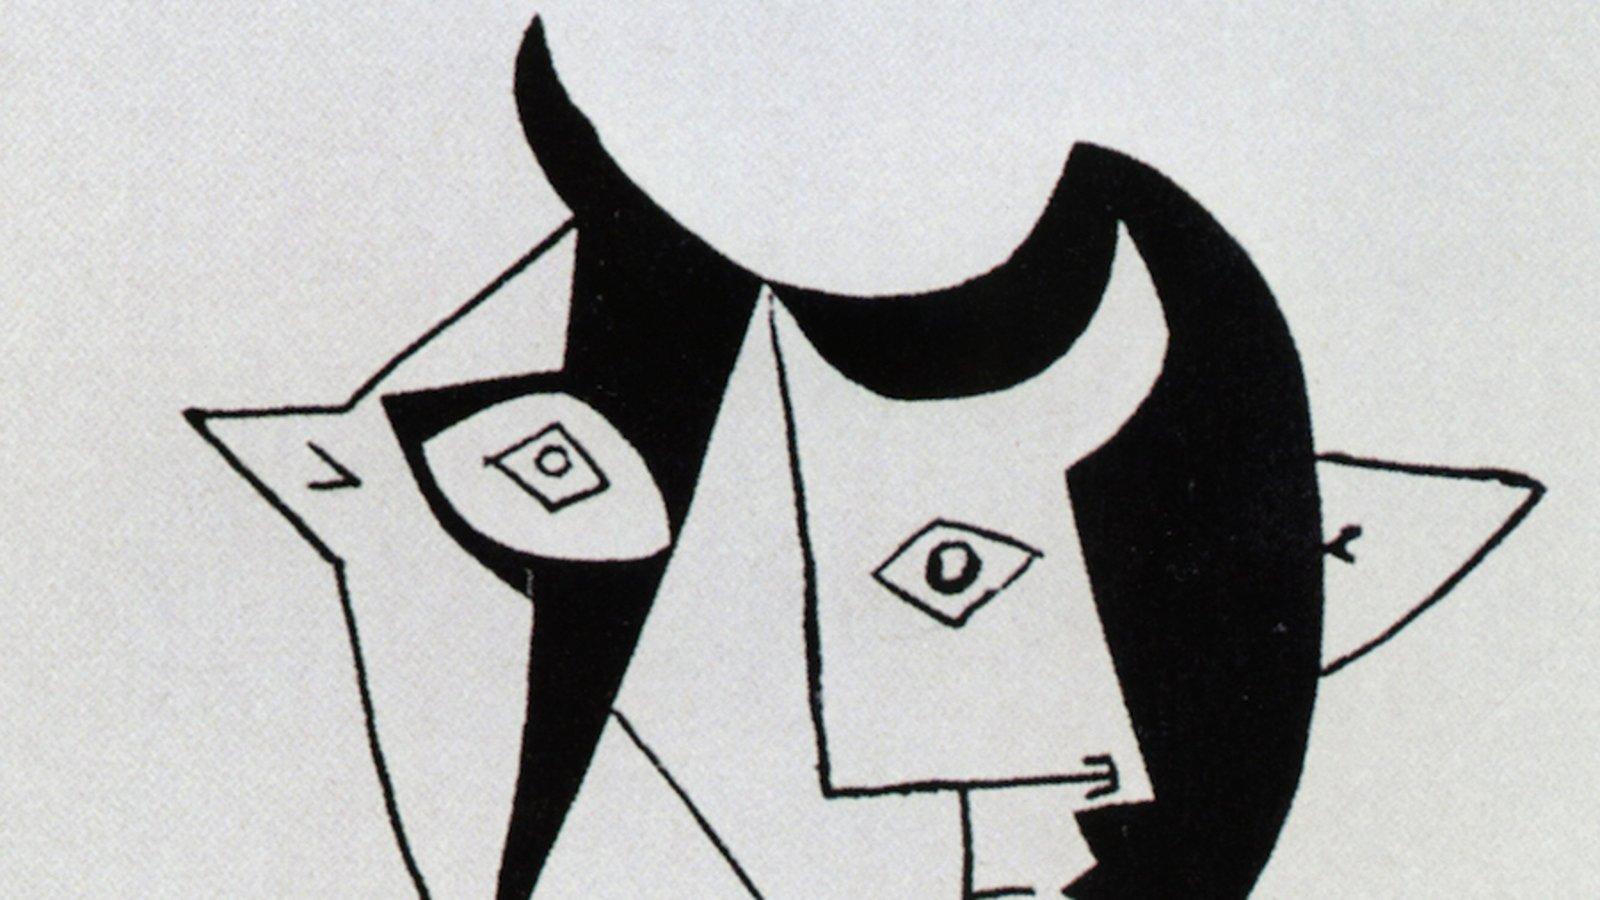 Picasso: Joie de Vivre